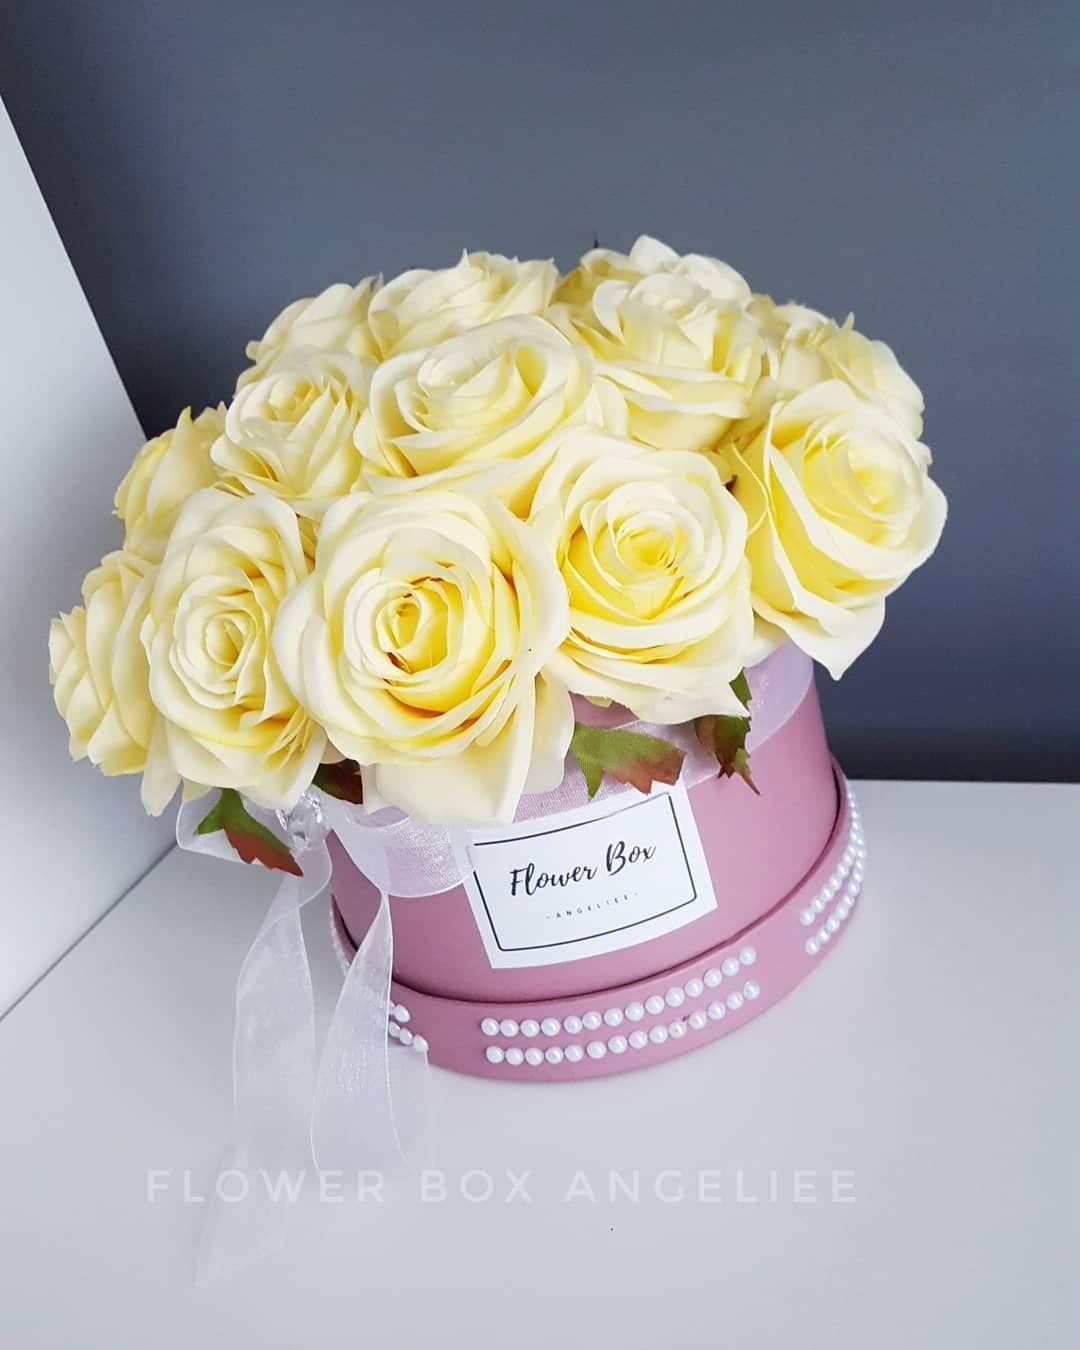 Flower Box Na Kazda Okazje Kwiaty Sztuczne Bardzo Dobrej Jakosci Kwiaty Nie Wymagajace Pielegnacji Ozdoba Twojego Domu Flower Boxes Birthday Cake Cake